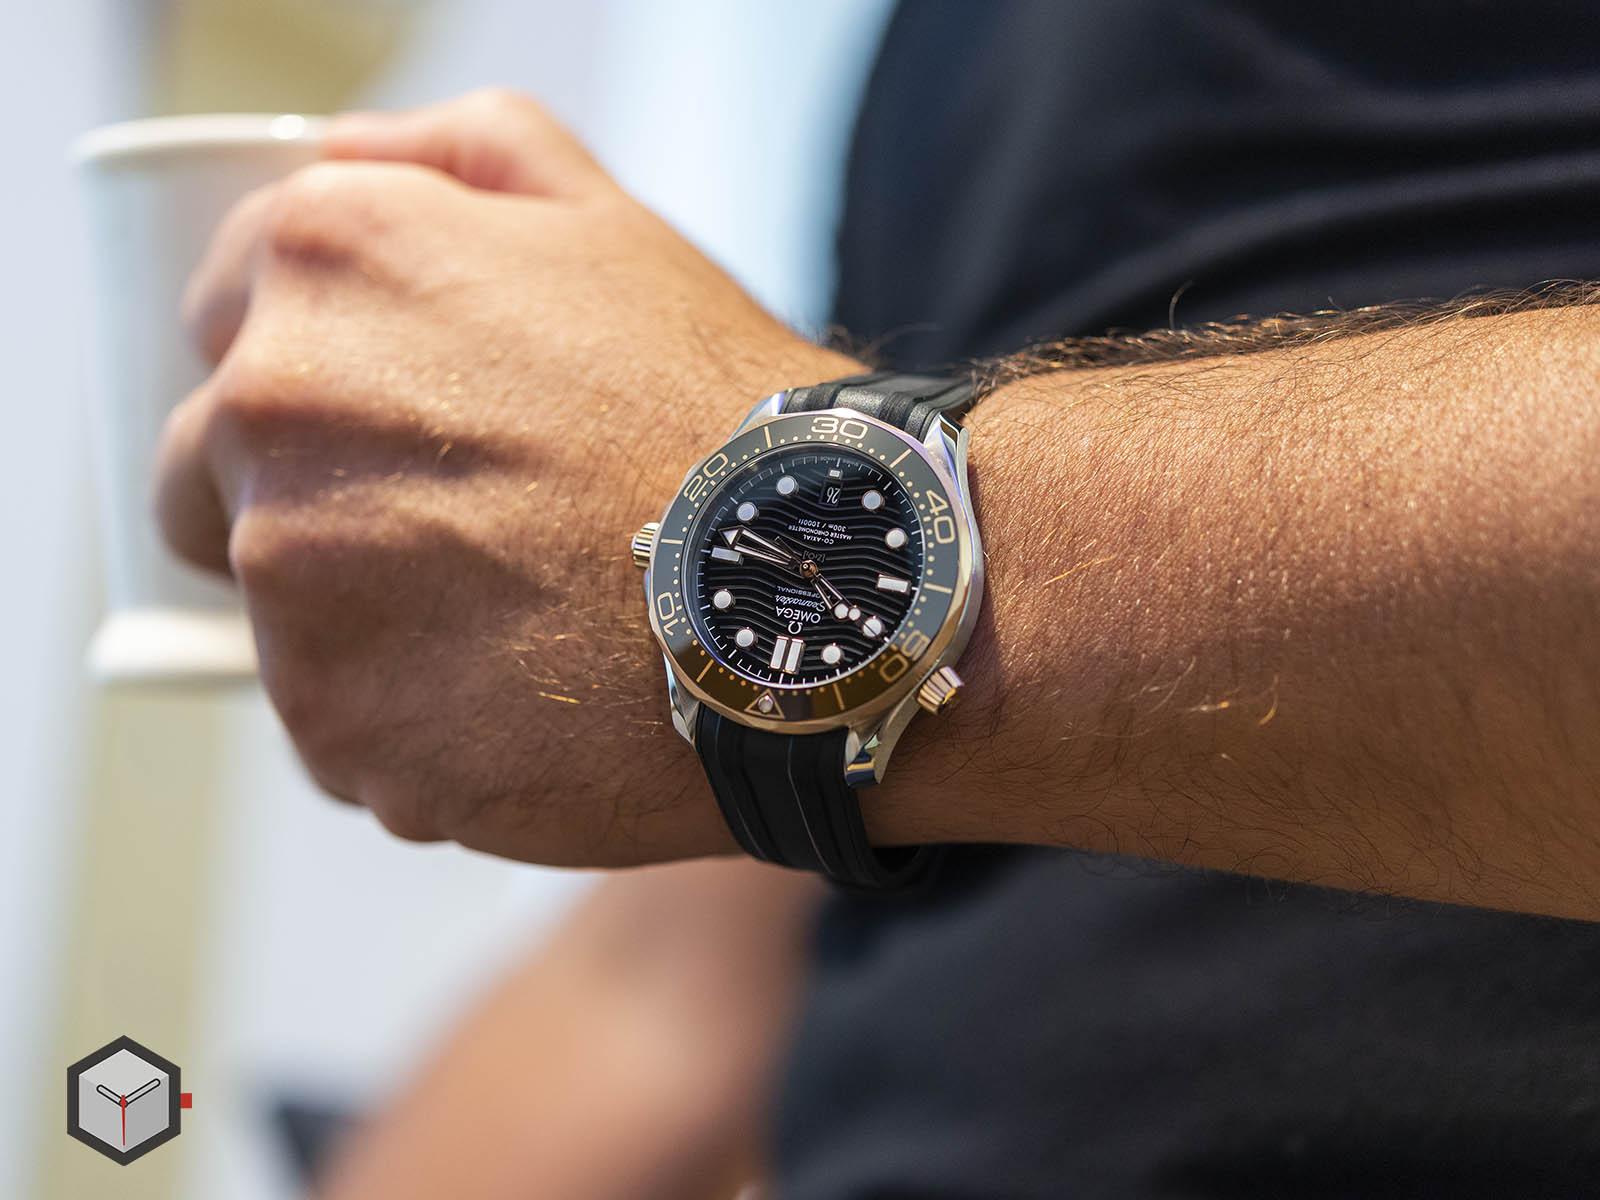 210-22-42-20-01-002-omega-seamaster-diver-300m-42mm-11.jpg